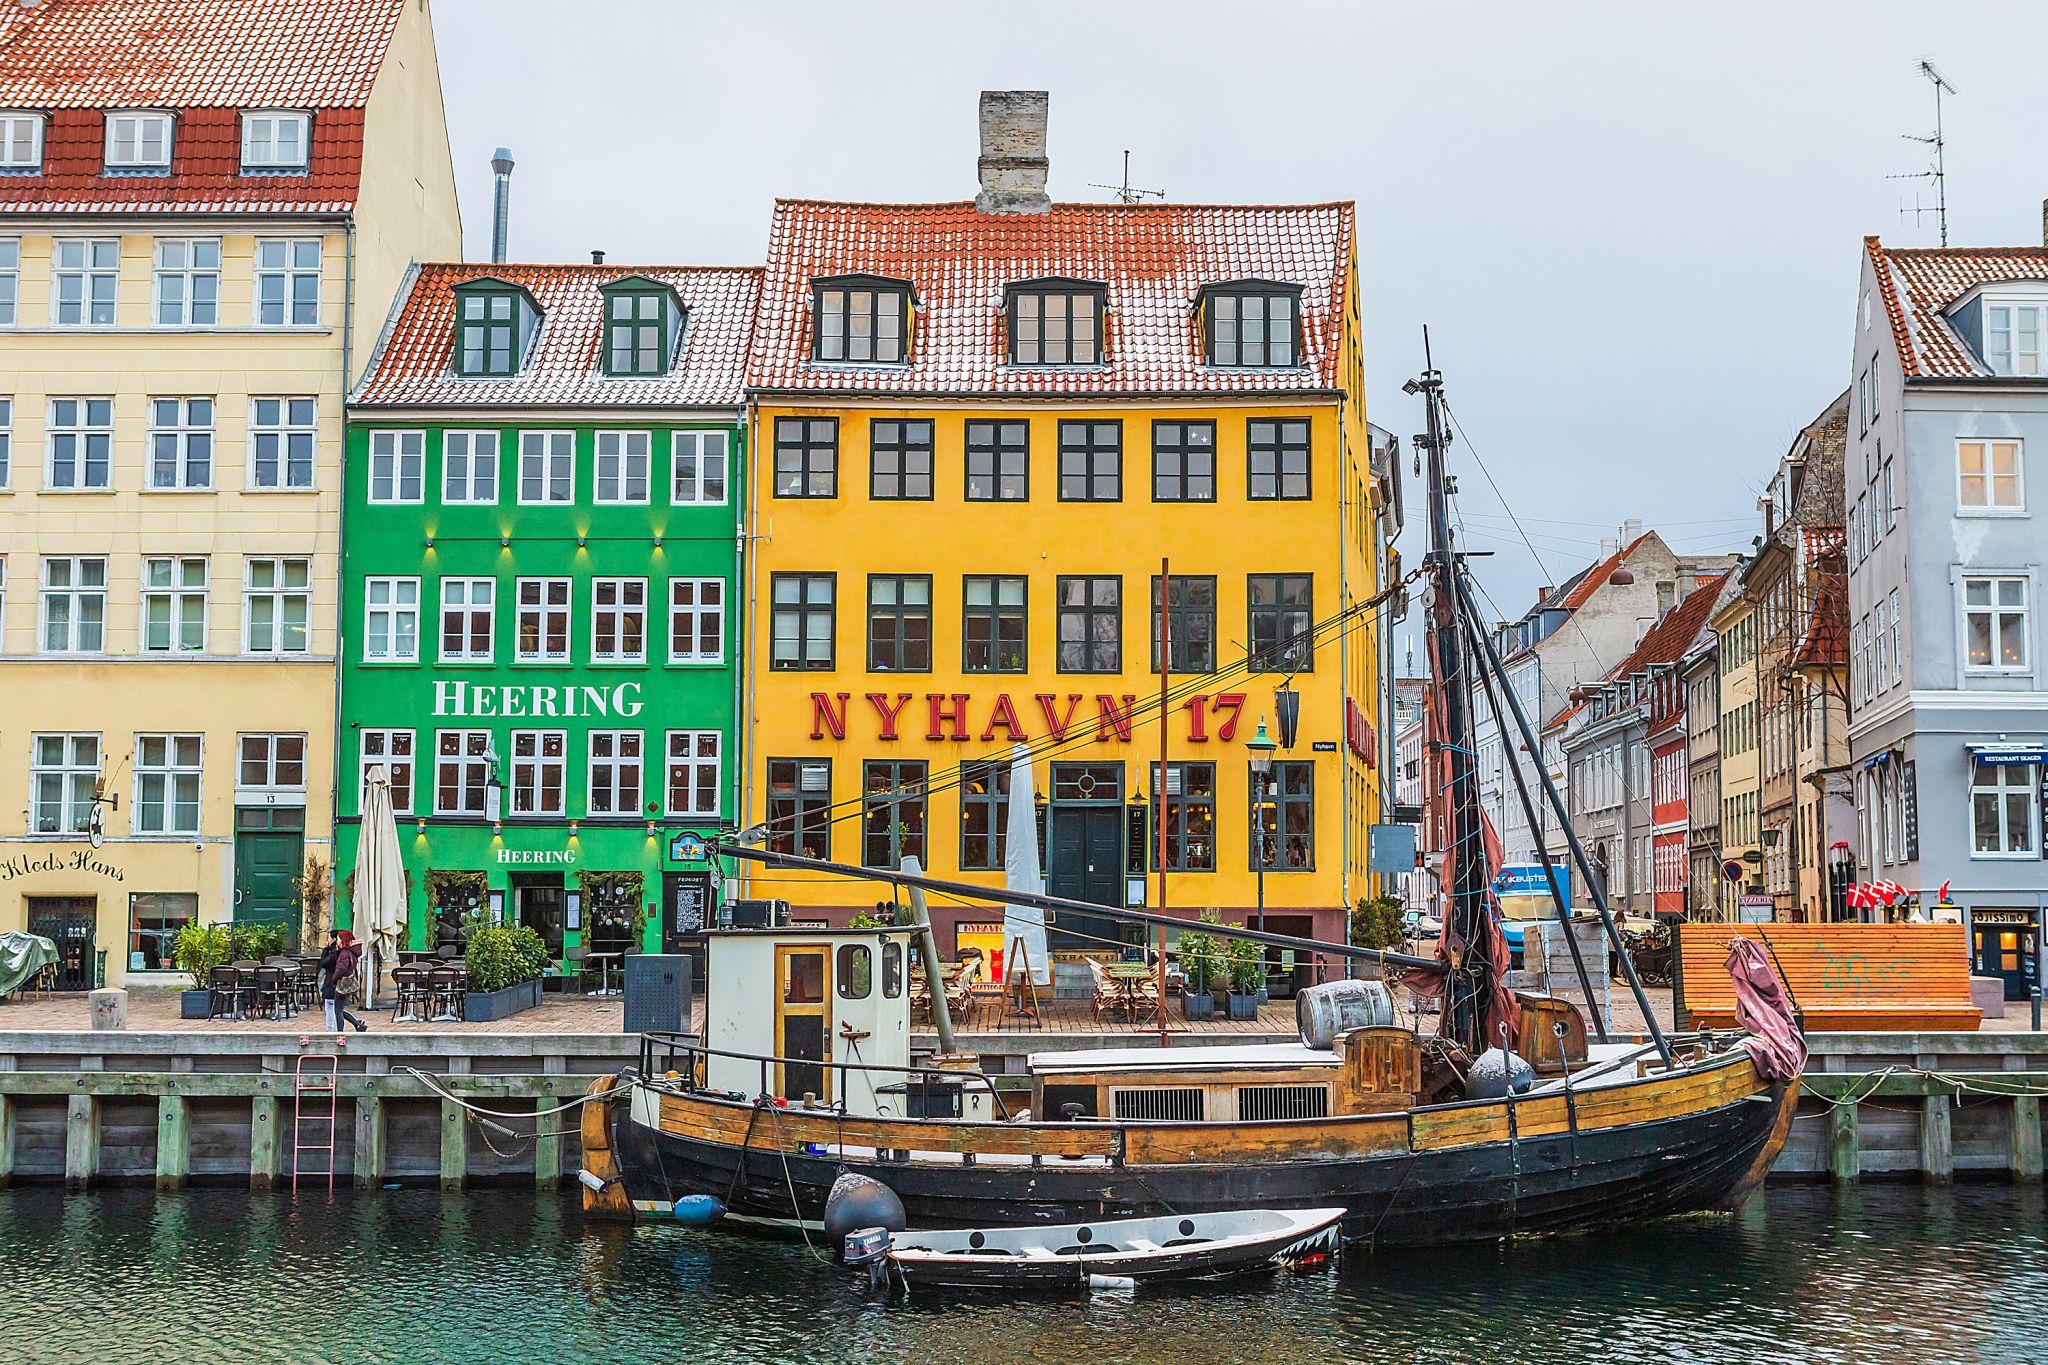 Nyhavn 17, Denmark